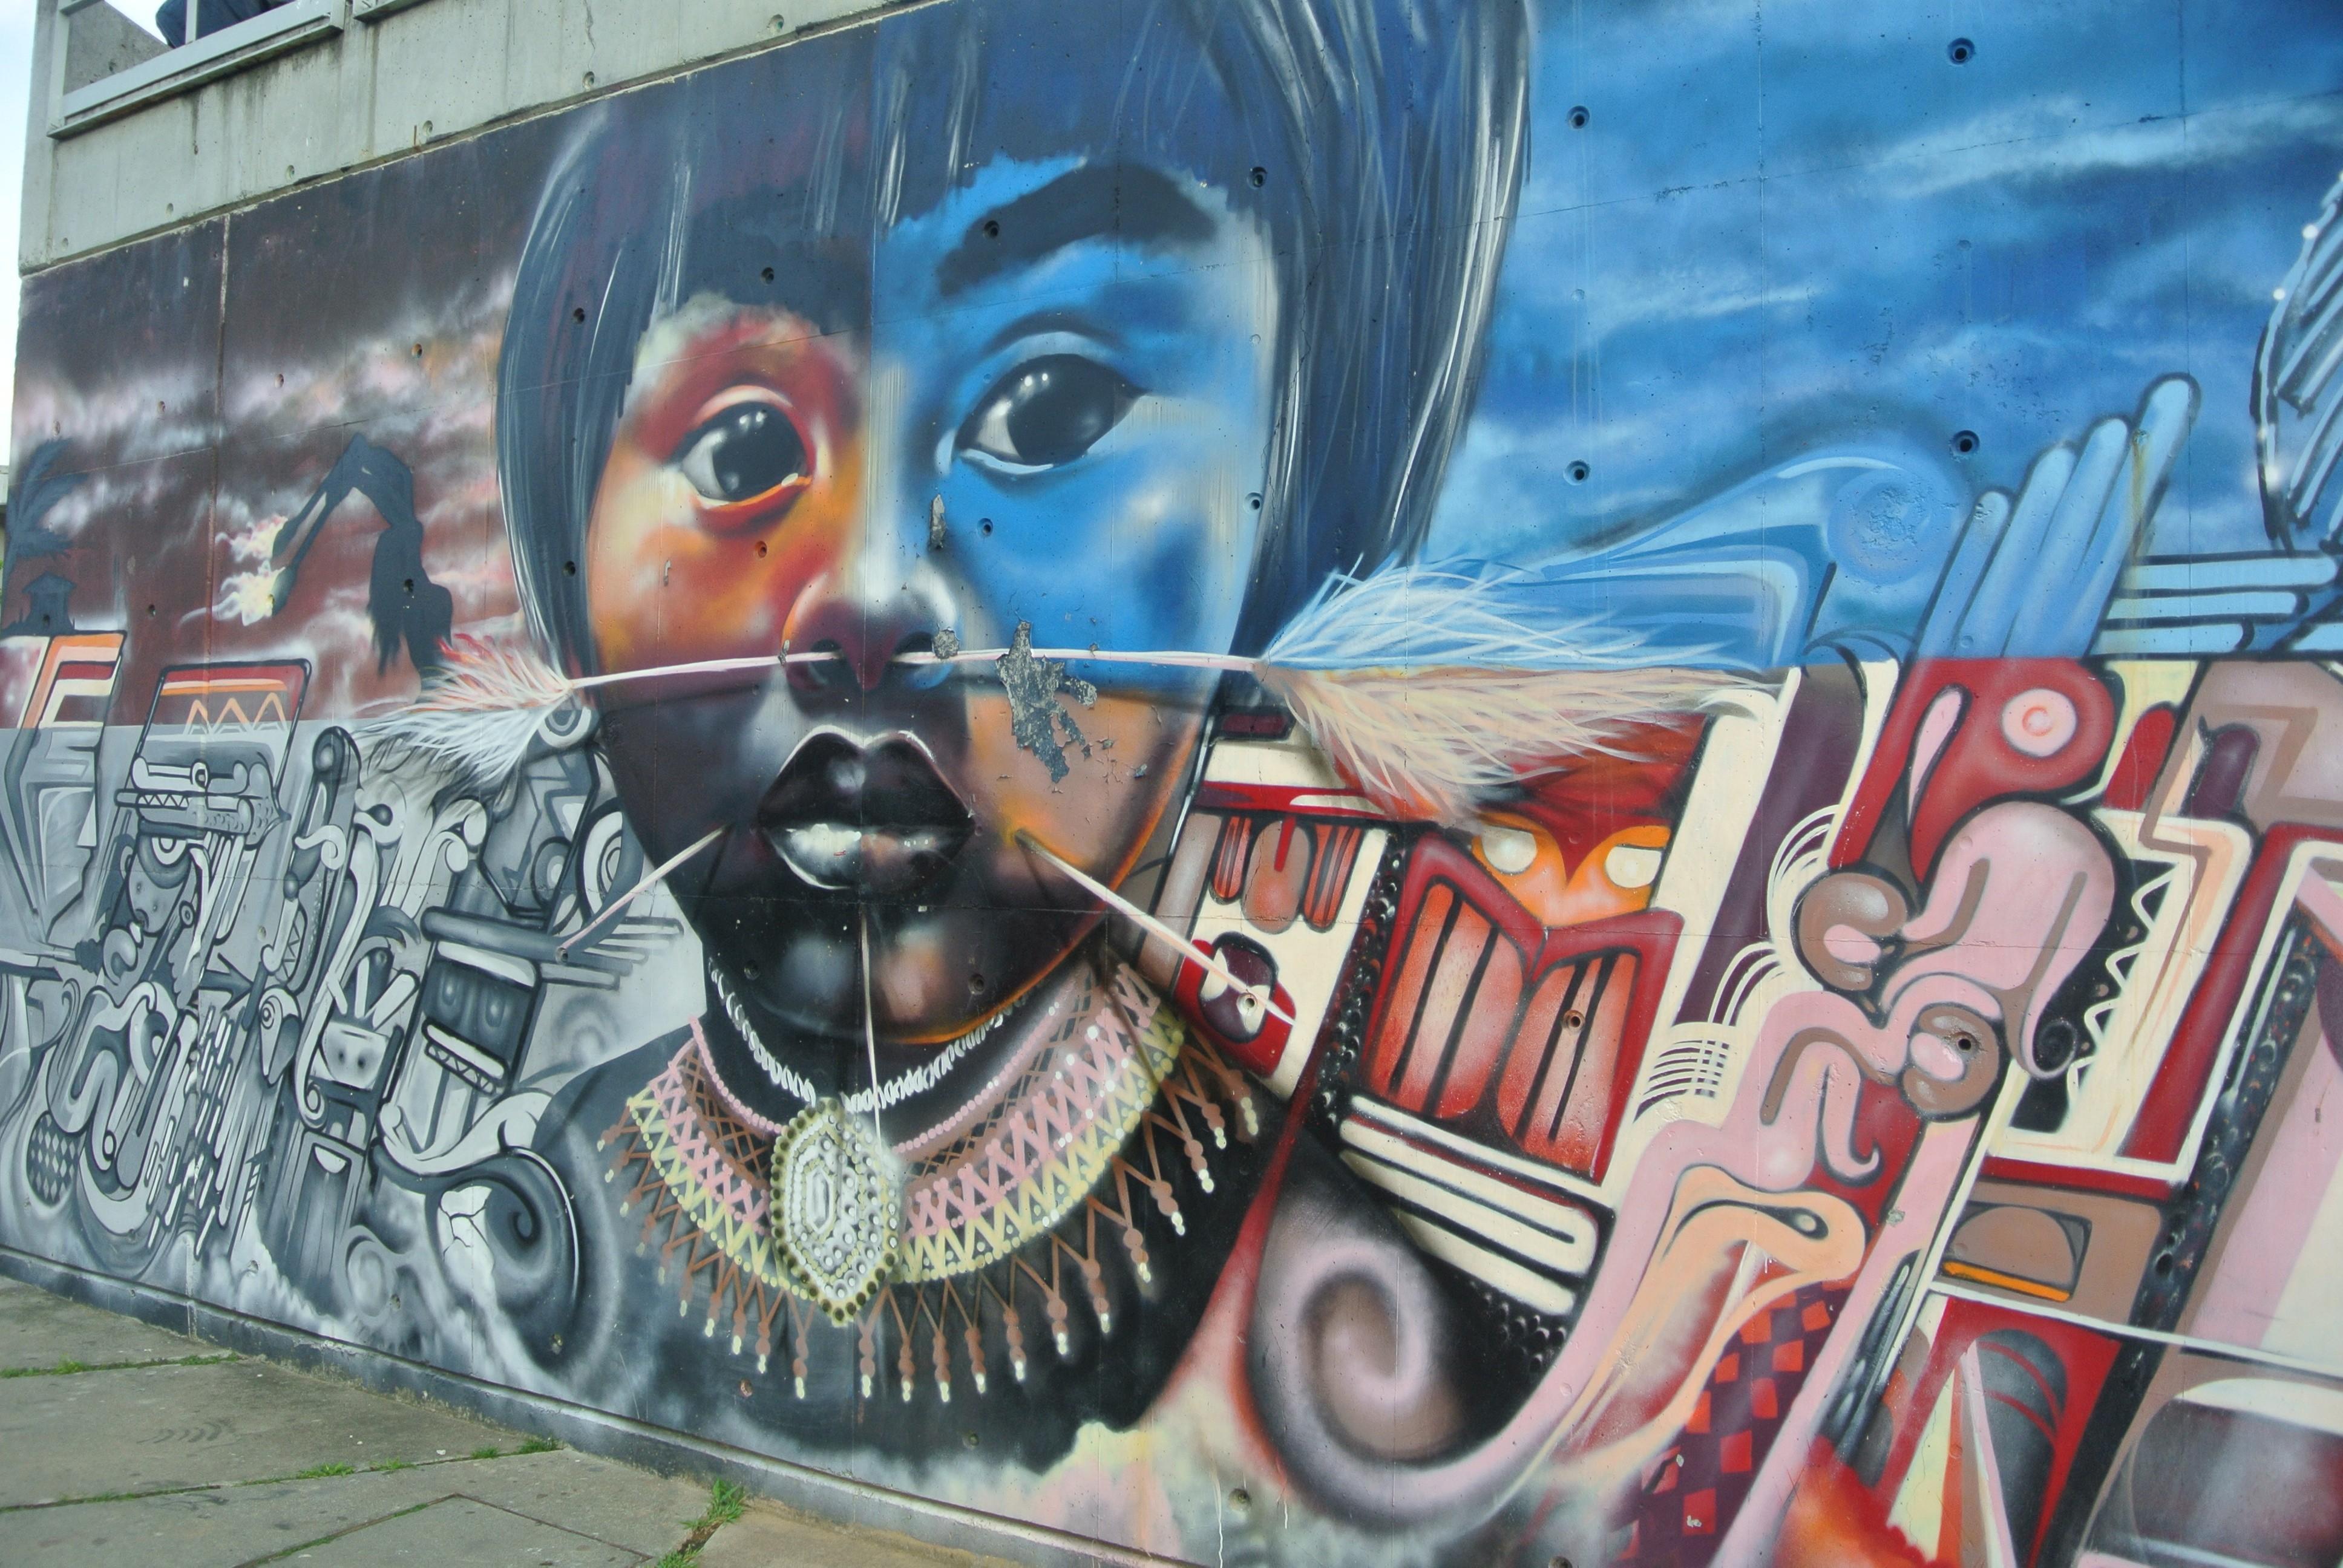 Graffiti in Comuna 13, Medellín, Colombia.